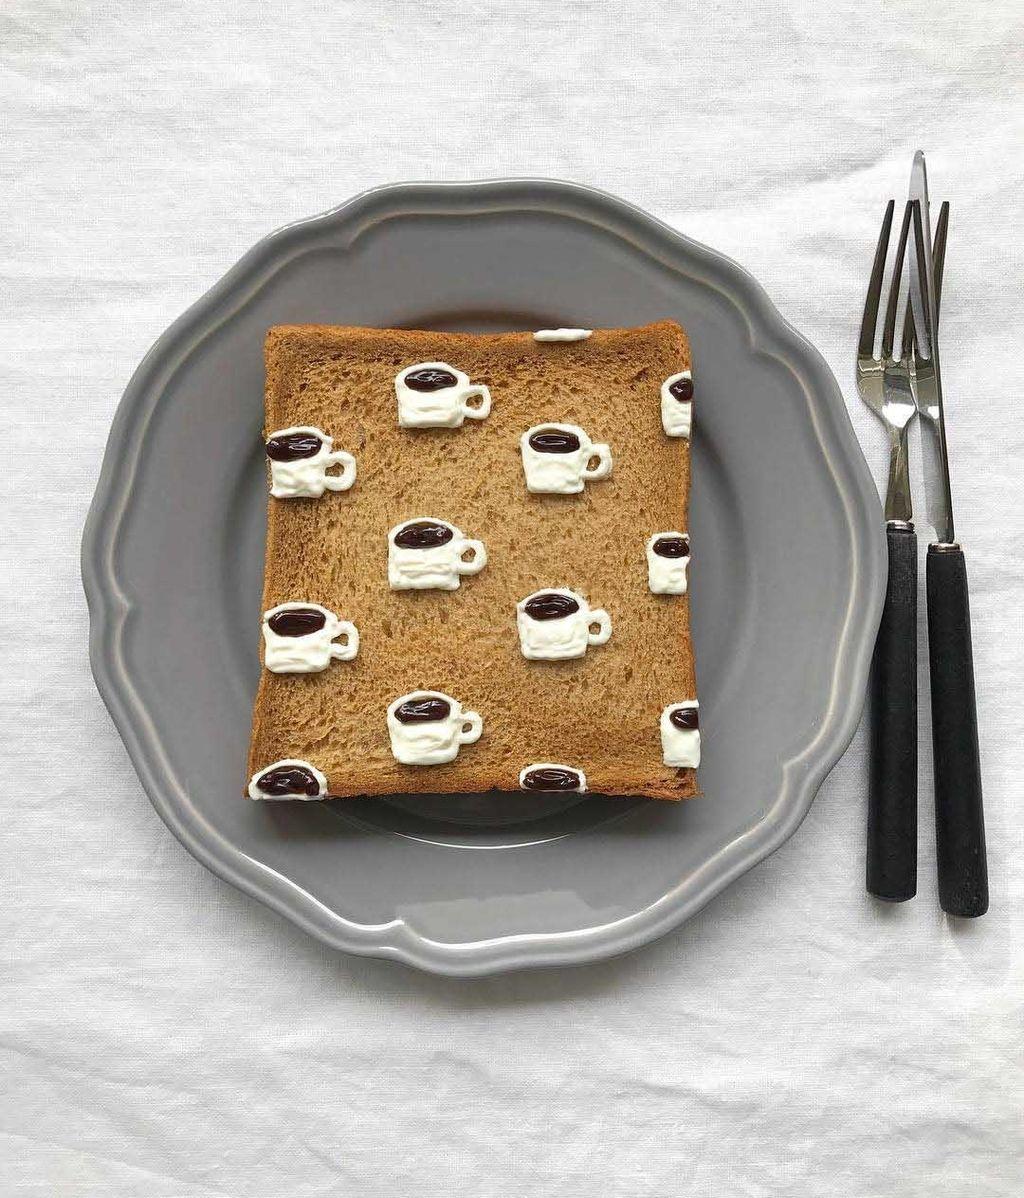 ¿Te comerías estas tostadas?